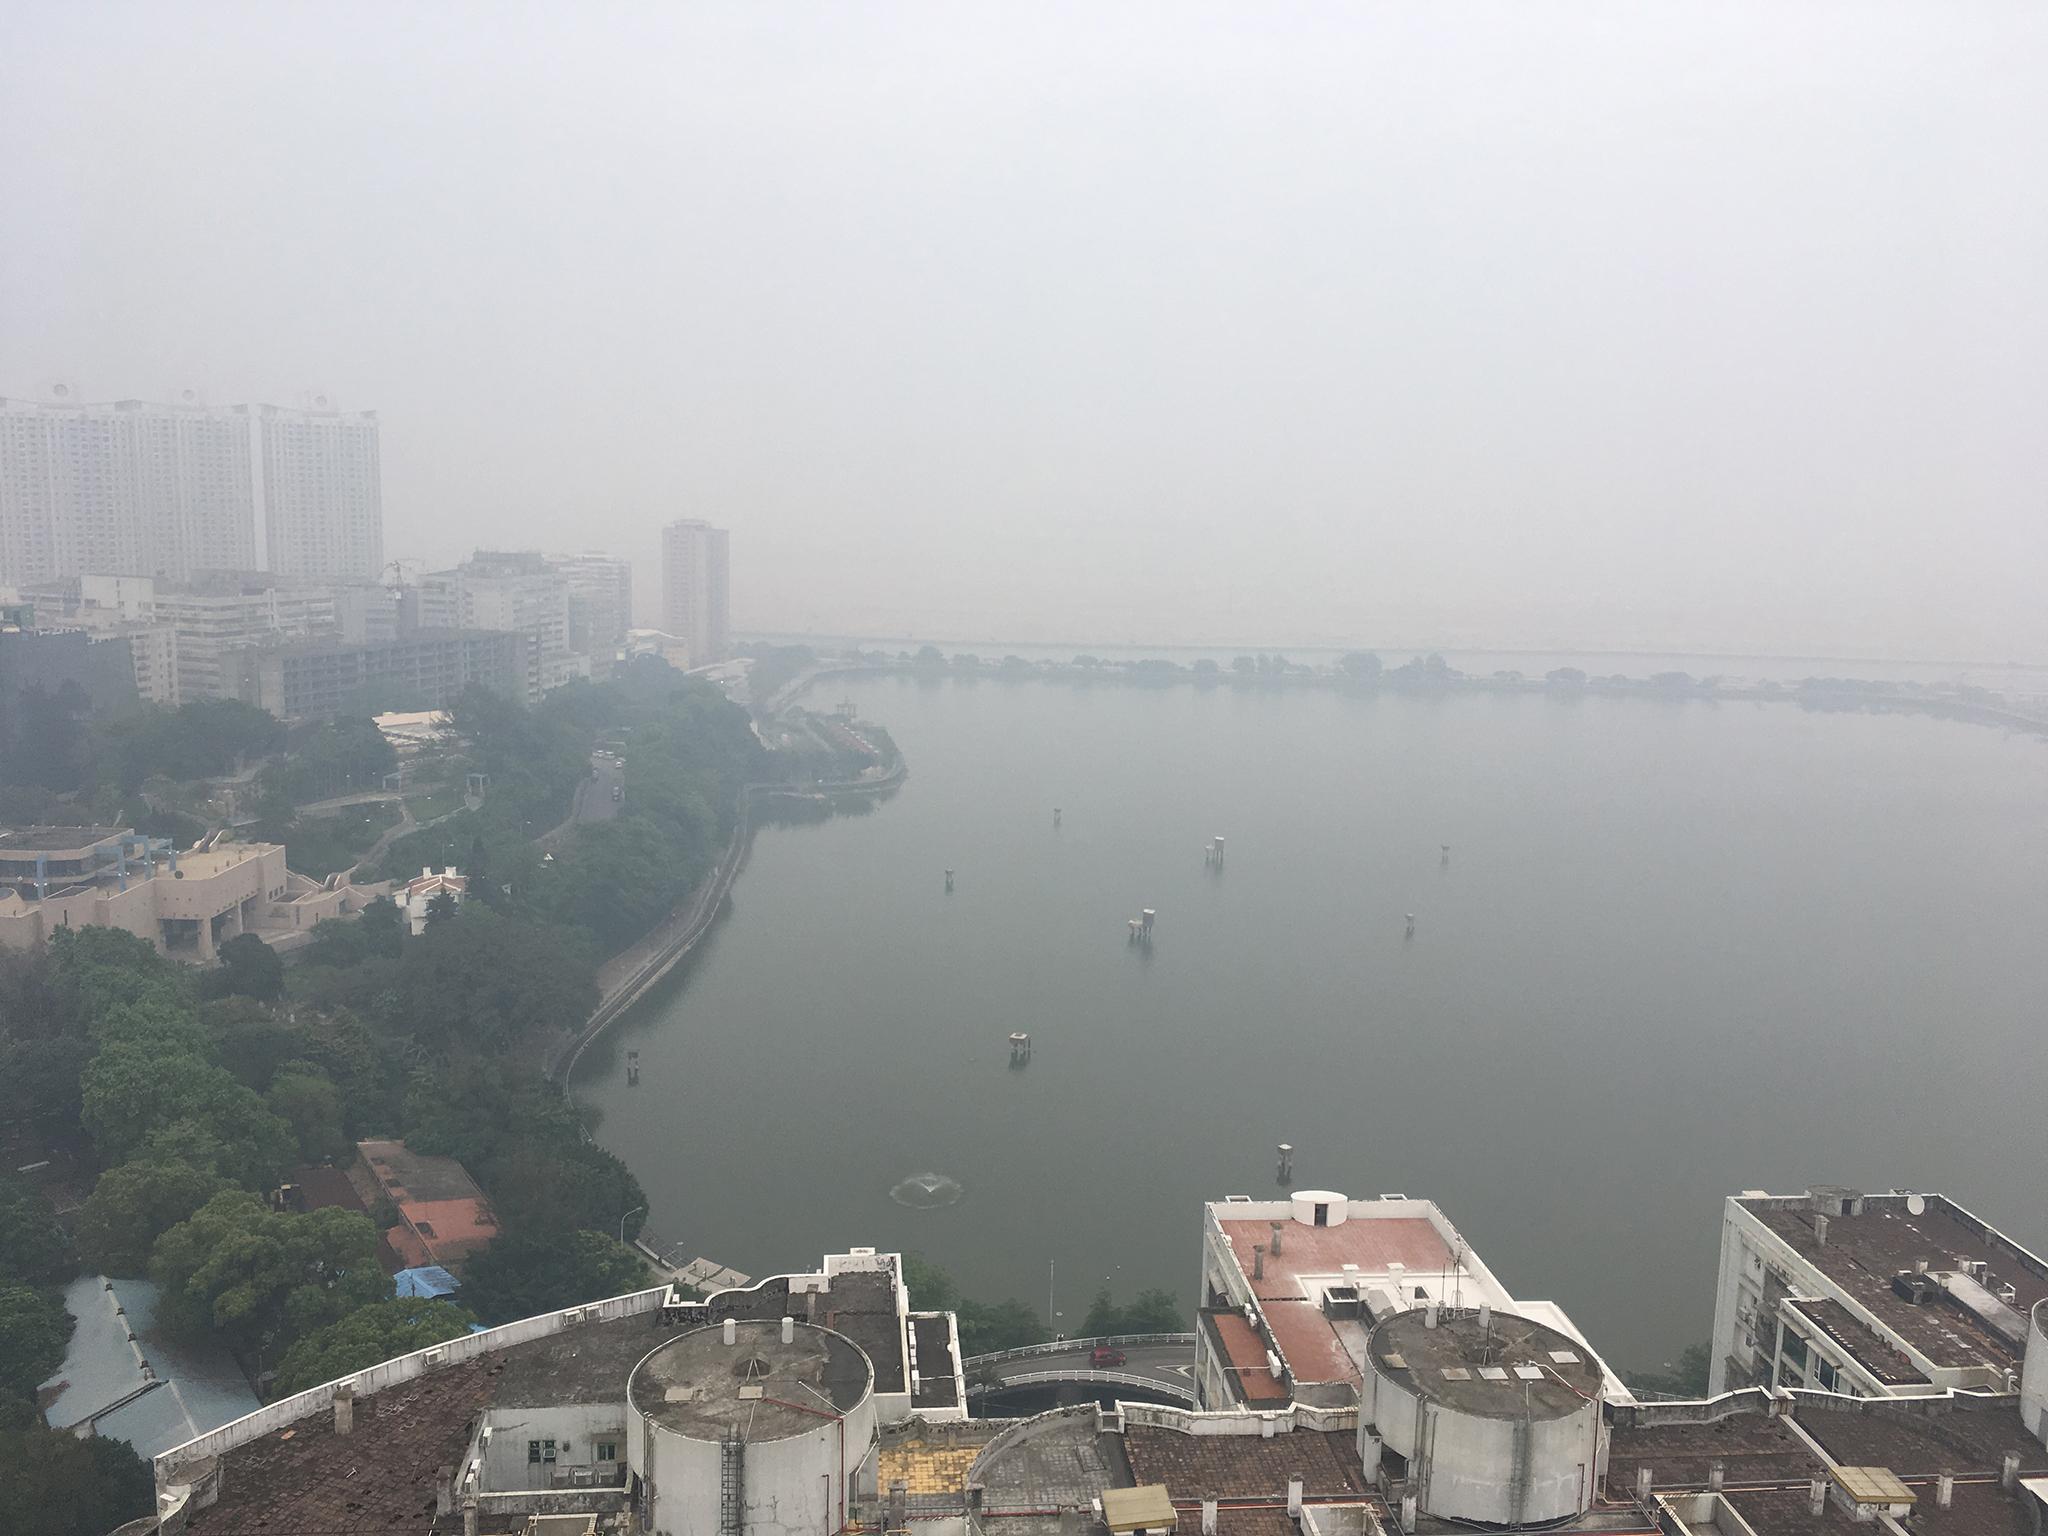 Subiu o número de dias com qualidade do ar insalubre em 2017